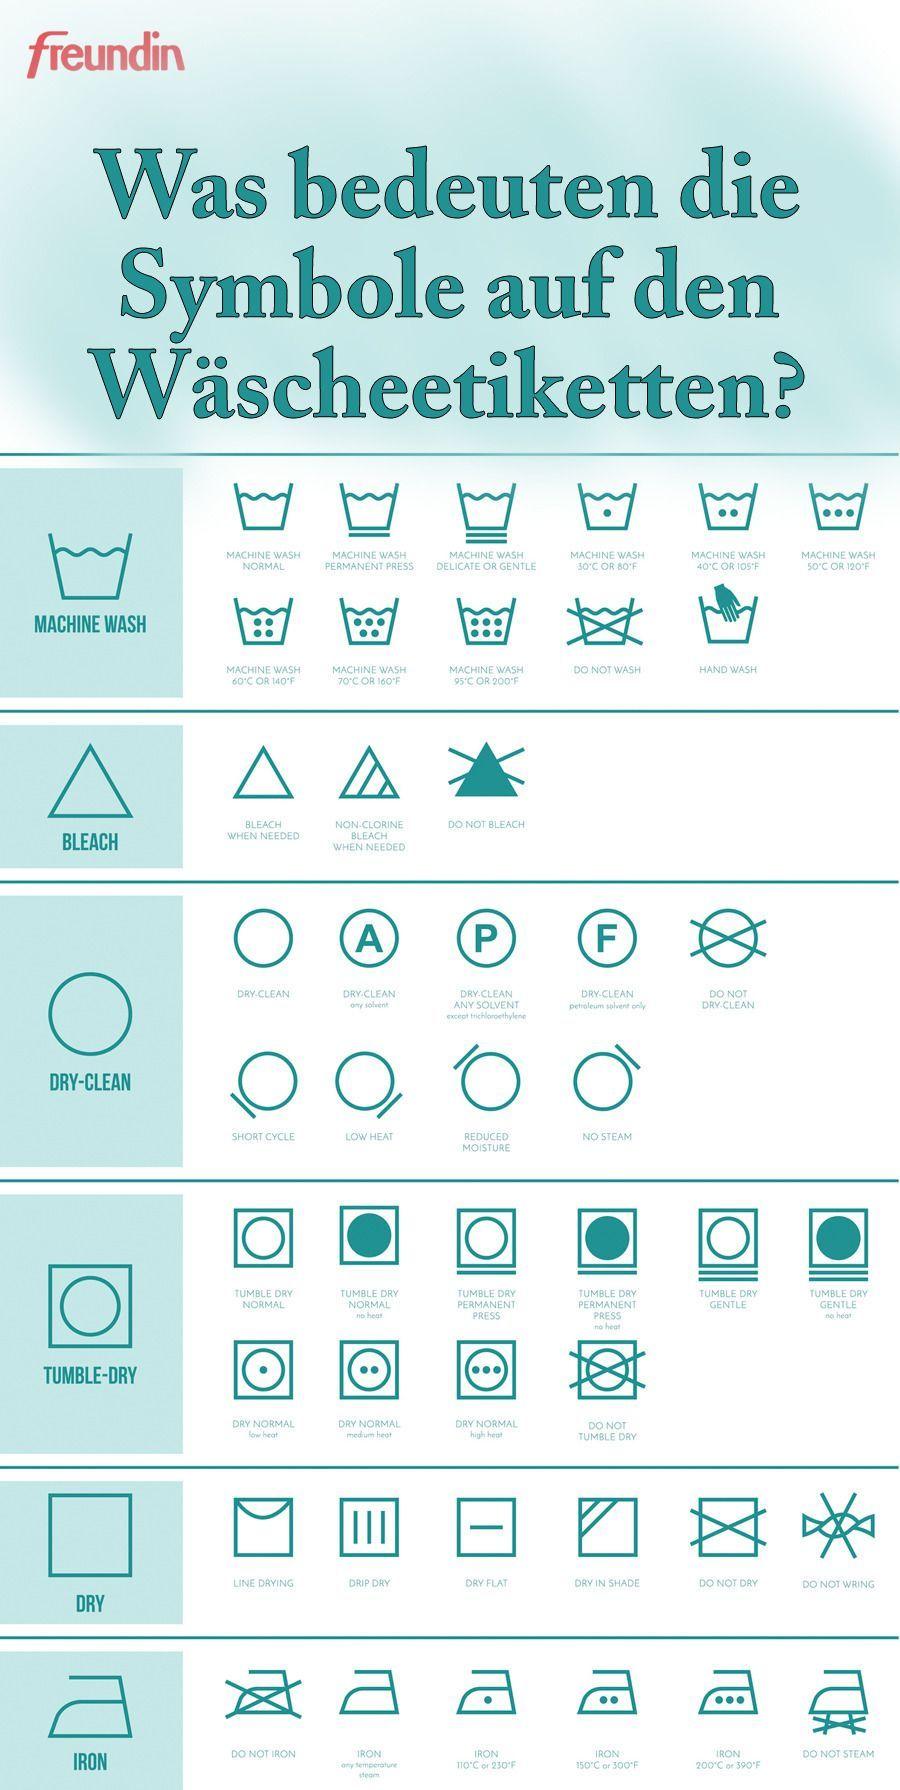 Was bedeuten die Symbole auf den Wäscheetiketten